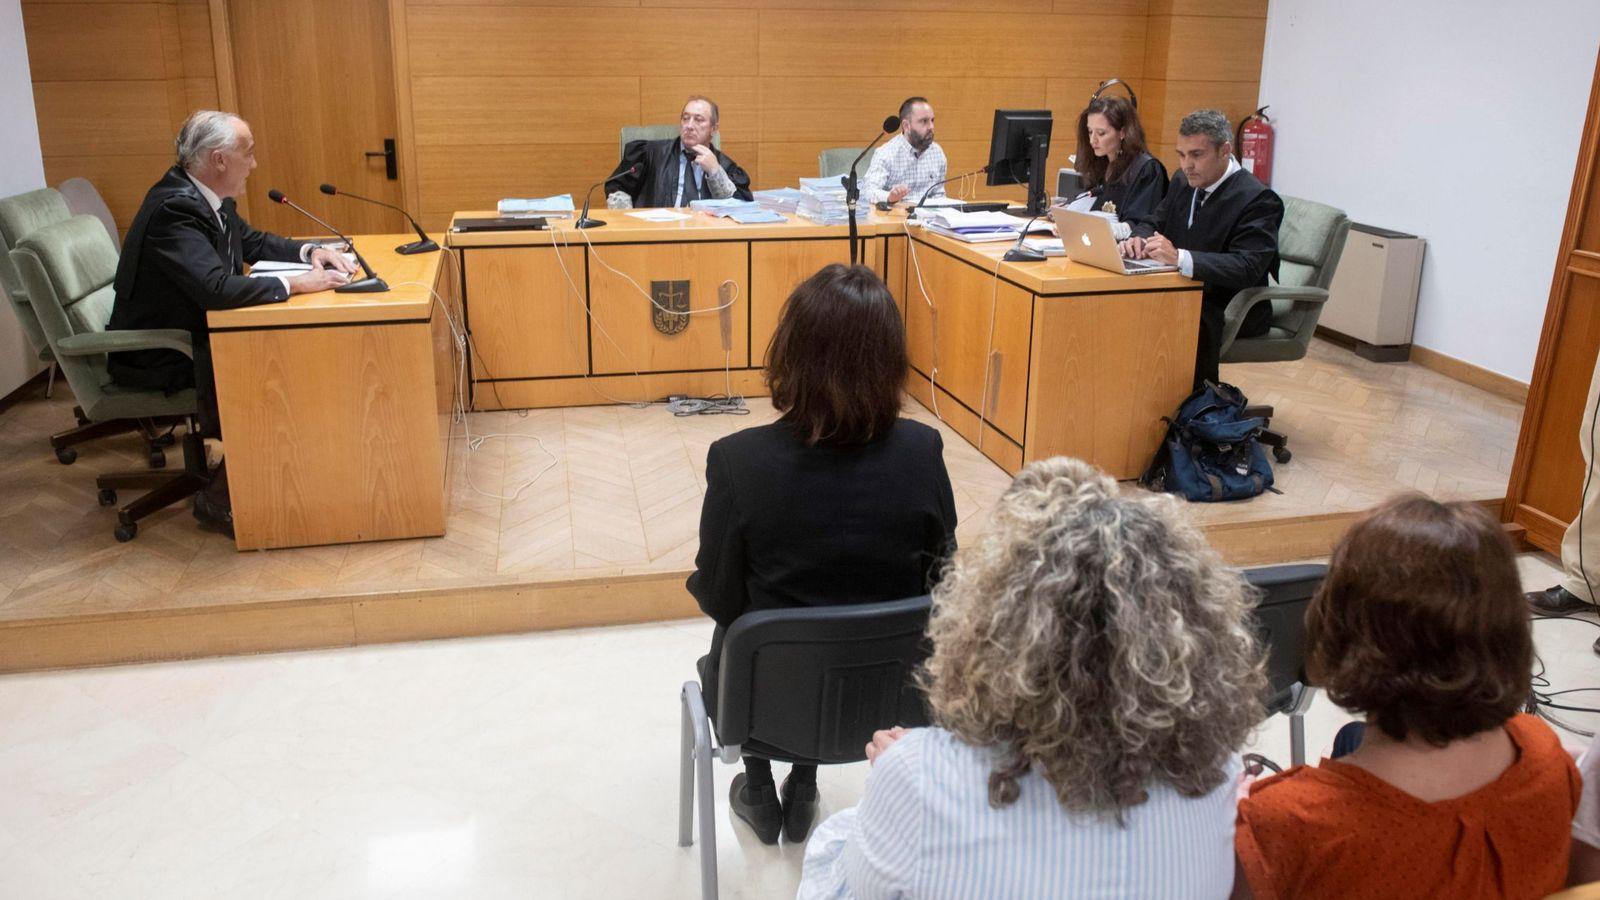 Foto: El juicio contra Juana Rivas en Granada | EFE